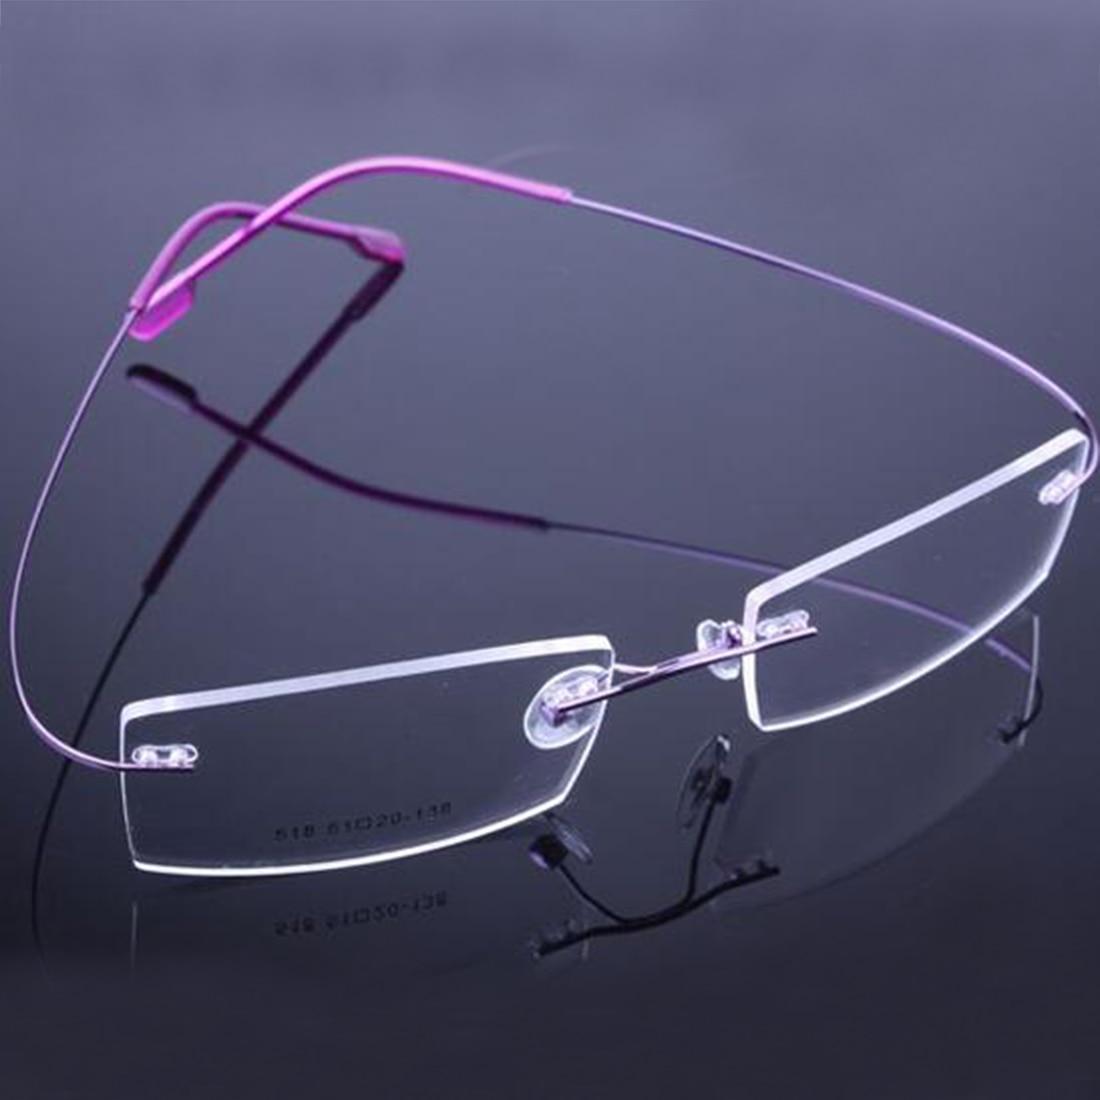 Najbolje prodajane maloprodajne 9 barvnih lahkih okvirjev za očala brez spomina Titanijeva očala, očala, recept, optični okvirji